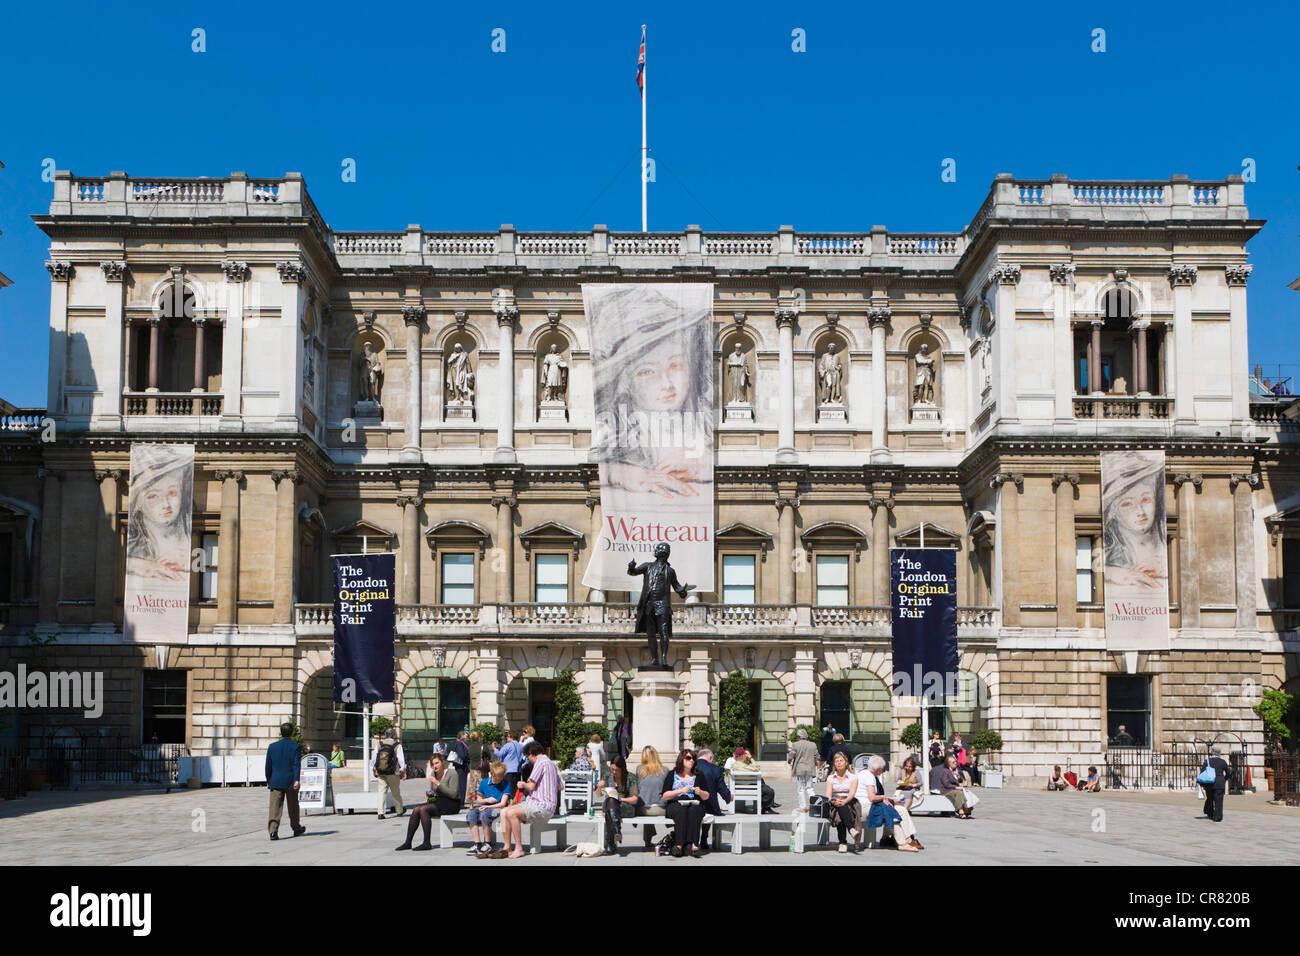 The Royal Academy of Arts, Burlington House, Piccadilly, London, England, United Kingdom, Europe - Stock Image